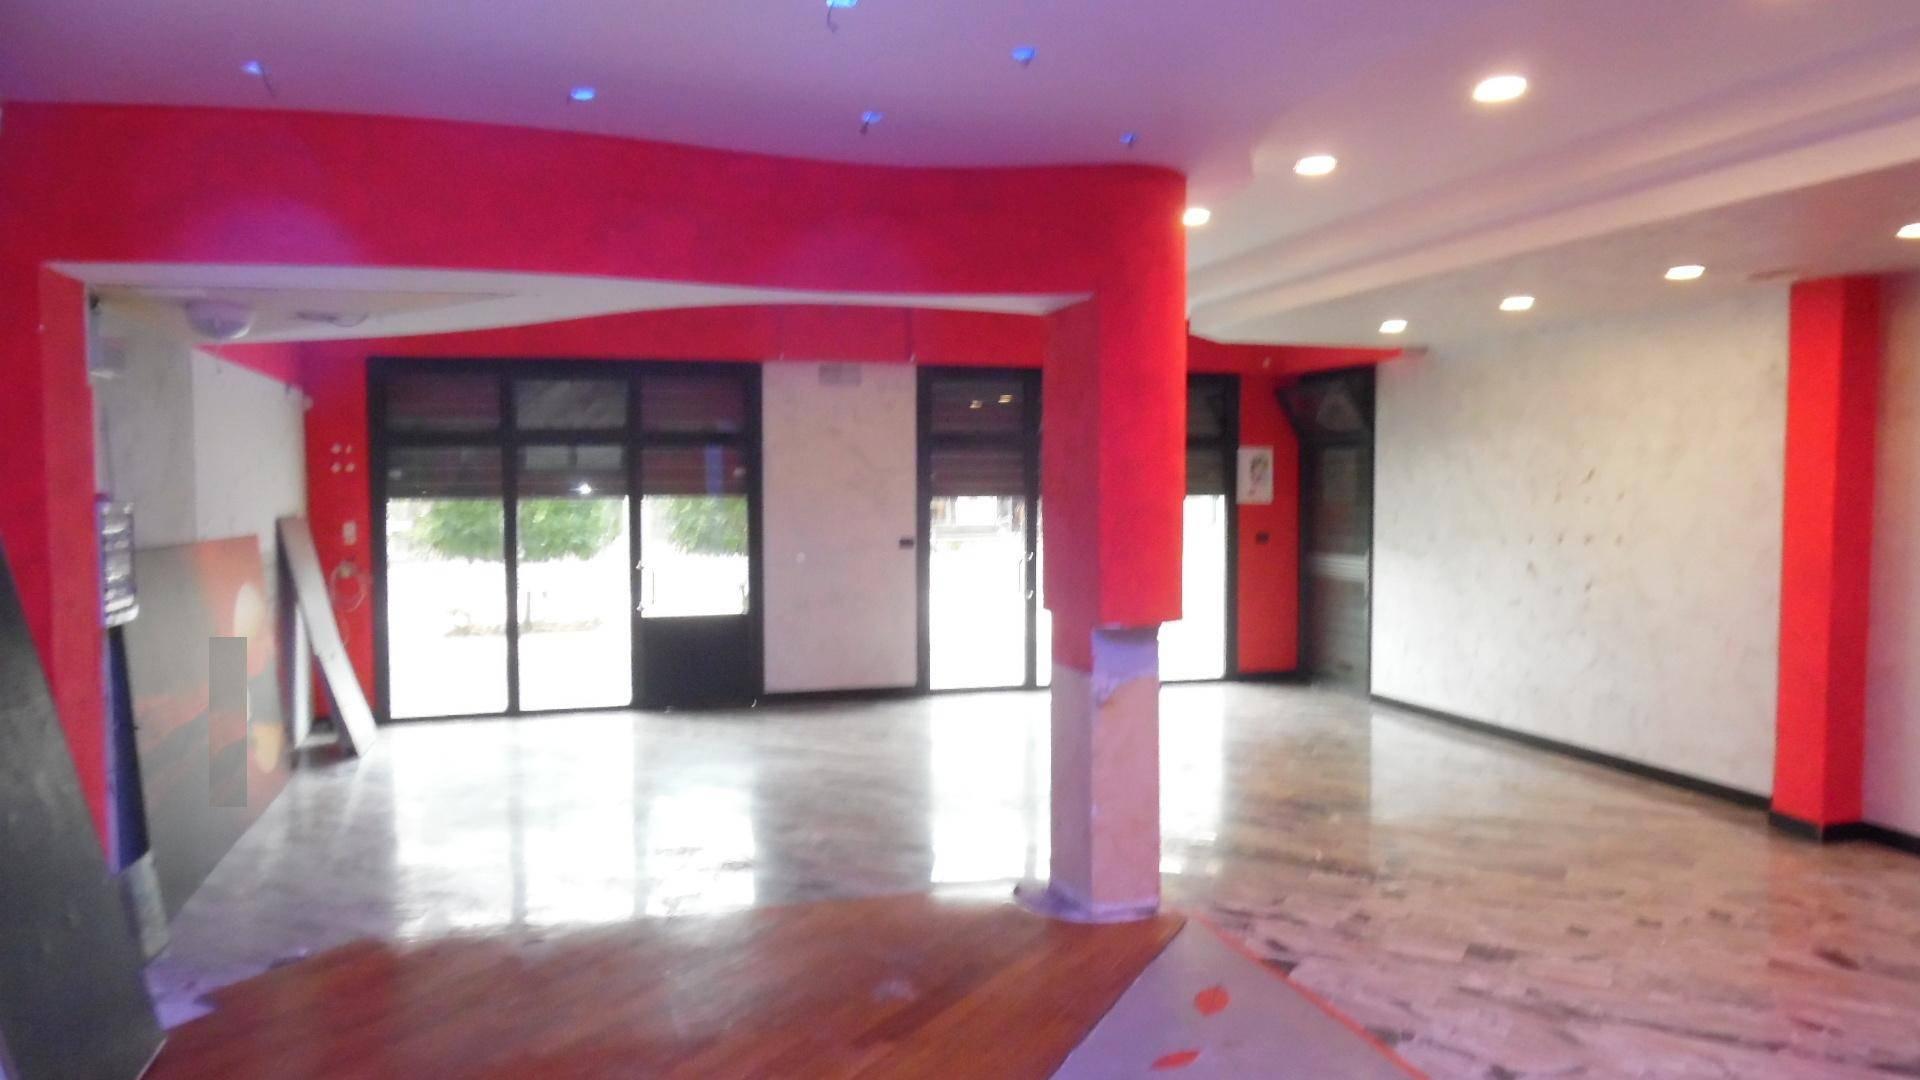 Negozio / Locale in affitto a Martinsicuro, 9999 locali, zona Località: Centro, prezzo € 800 | CambioCasa.it